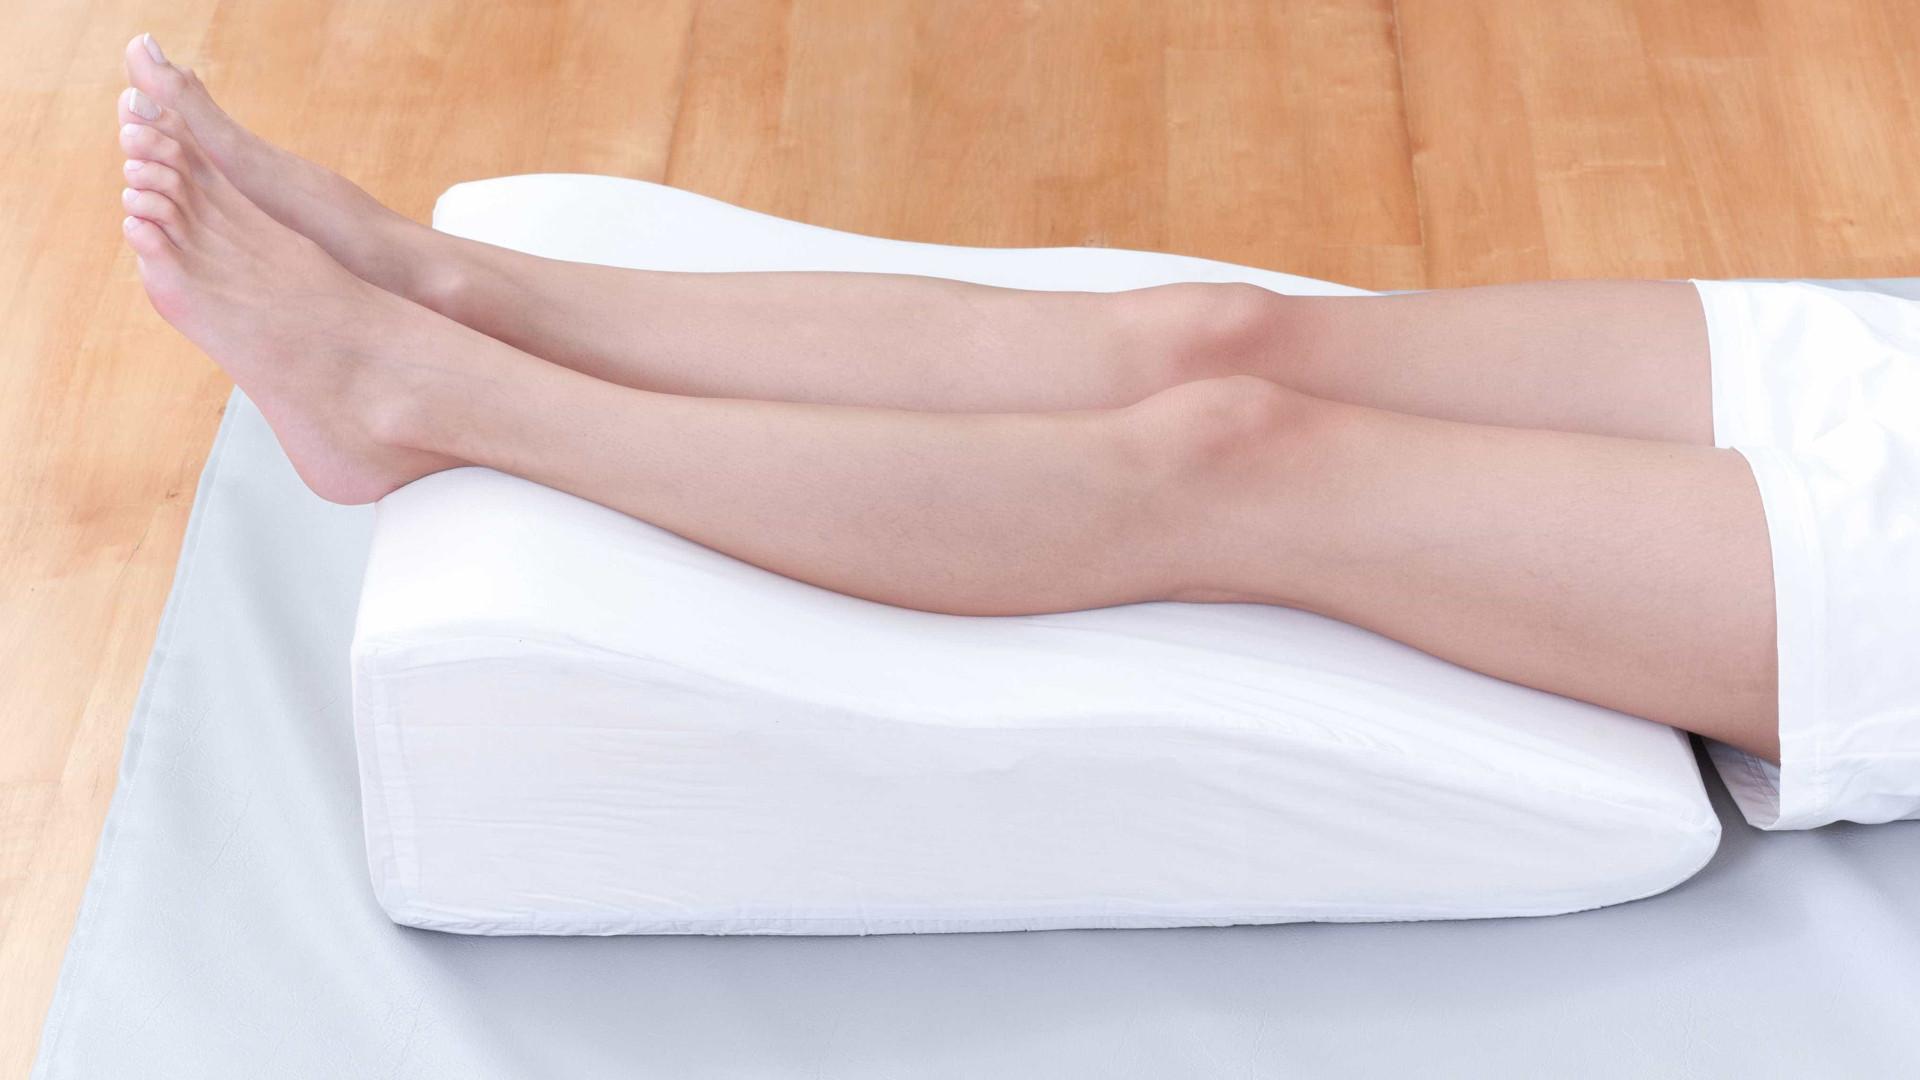 Que à pernas nas poderia o causar noite dor